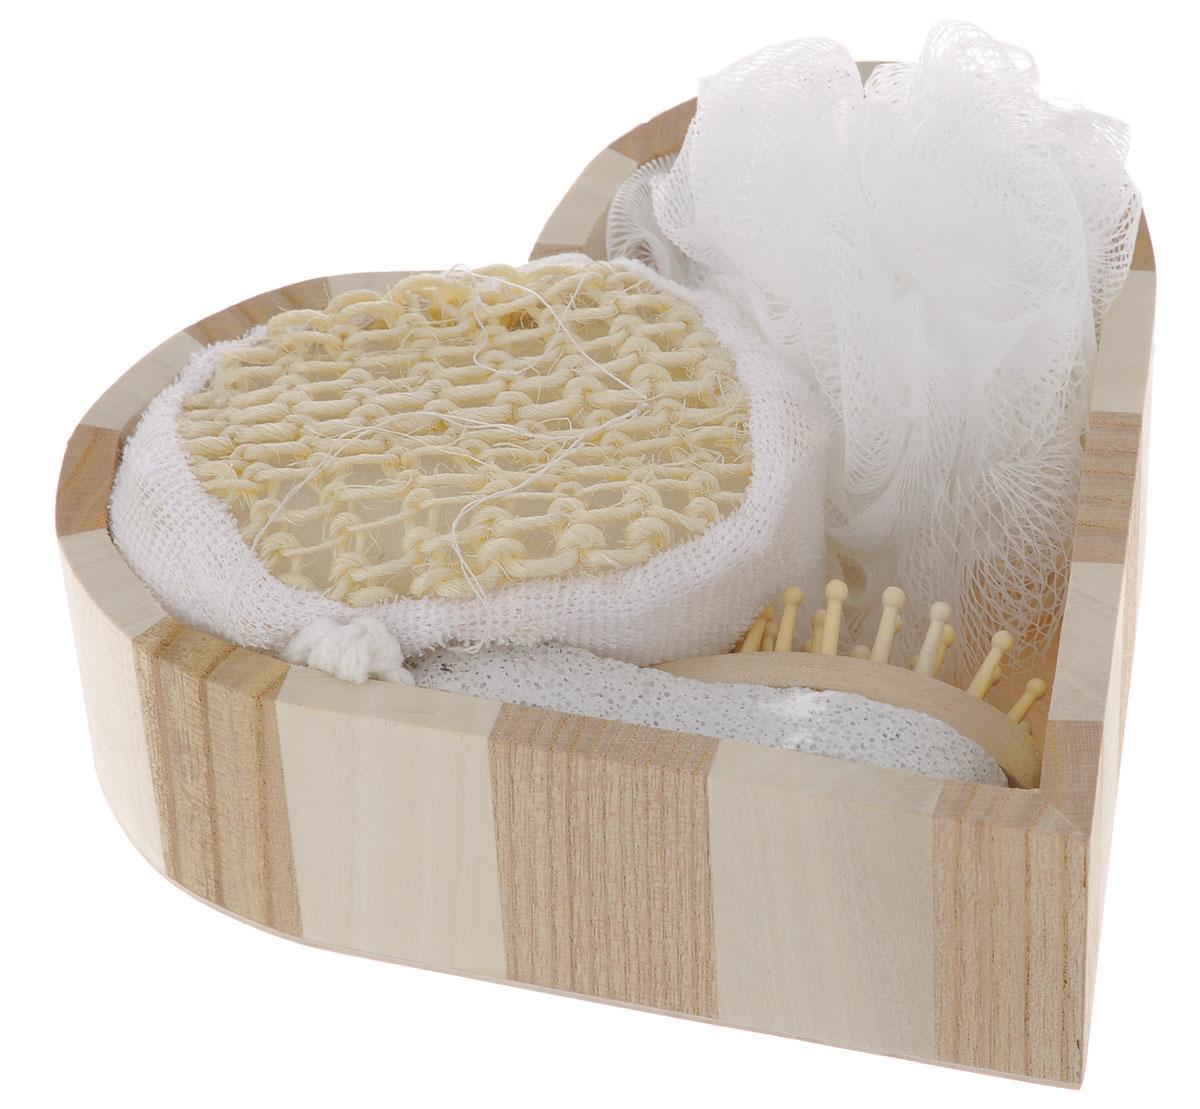 Набор для ванной и бани Феникс-презент Романтика, 5 предметов40634Набор для ванной и бани Феникс-презент Романтика включает: - мочалка для купания из полиэтилена, - расческа из древесины павловнии,- пемза для ухода за кожей,- мочалка для купания из сизаля, - лохань из древесины тополя в форме сердца. Такой мини-набор пригодится в любой бане и сделает банную процедуру еще более комфортной и расслабляющей. Диаметр мочалки: 11 см. Размер расчески: 12 х 4 х 3 см. Размер пемзы: 9,5 х 4,5 х 2 см.Размер мочалки из сизаля: 10 х 8 х 5 см.Размер лохани: 17,5 х 18 х 5 см.